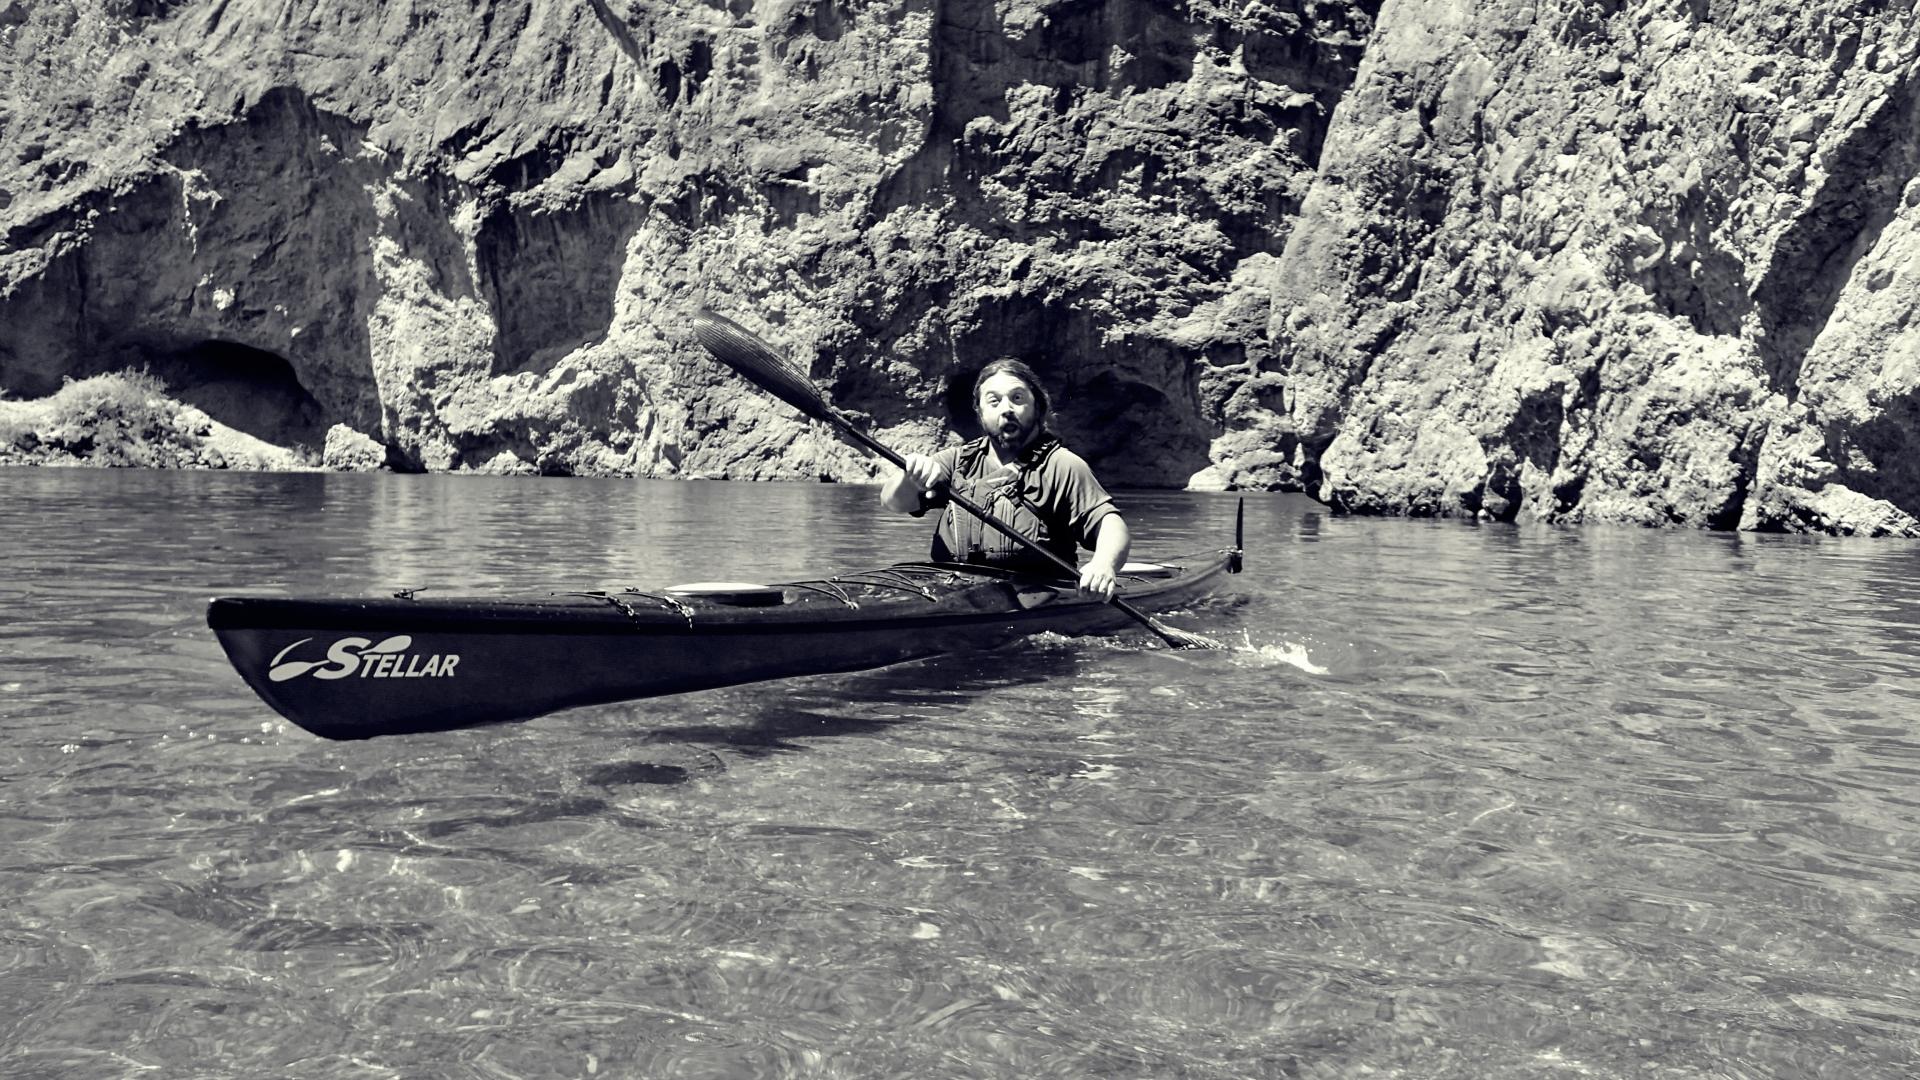 Morgan Eisen paddling a Stellar Kayak in Emerald Cove